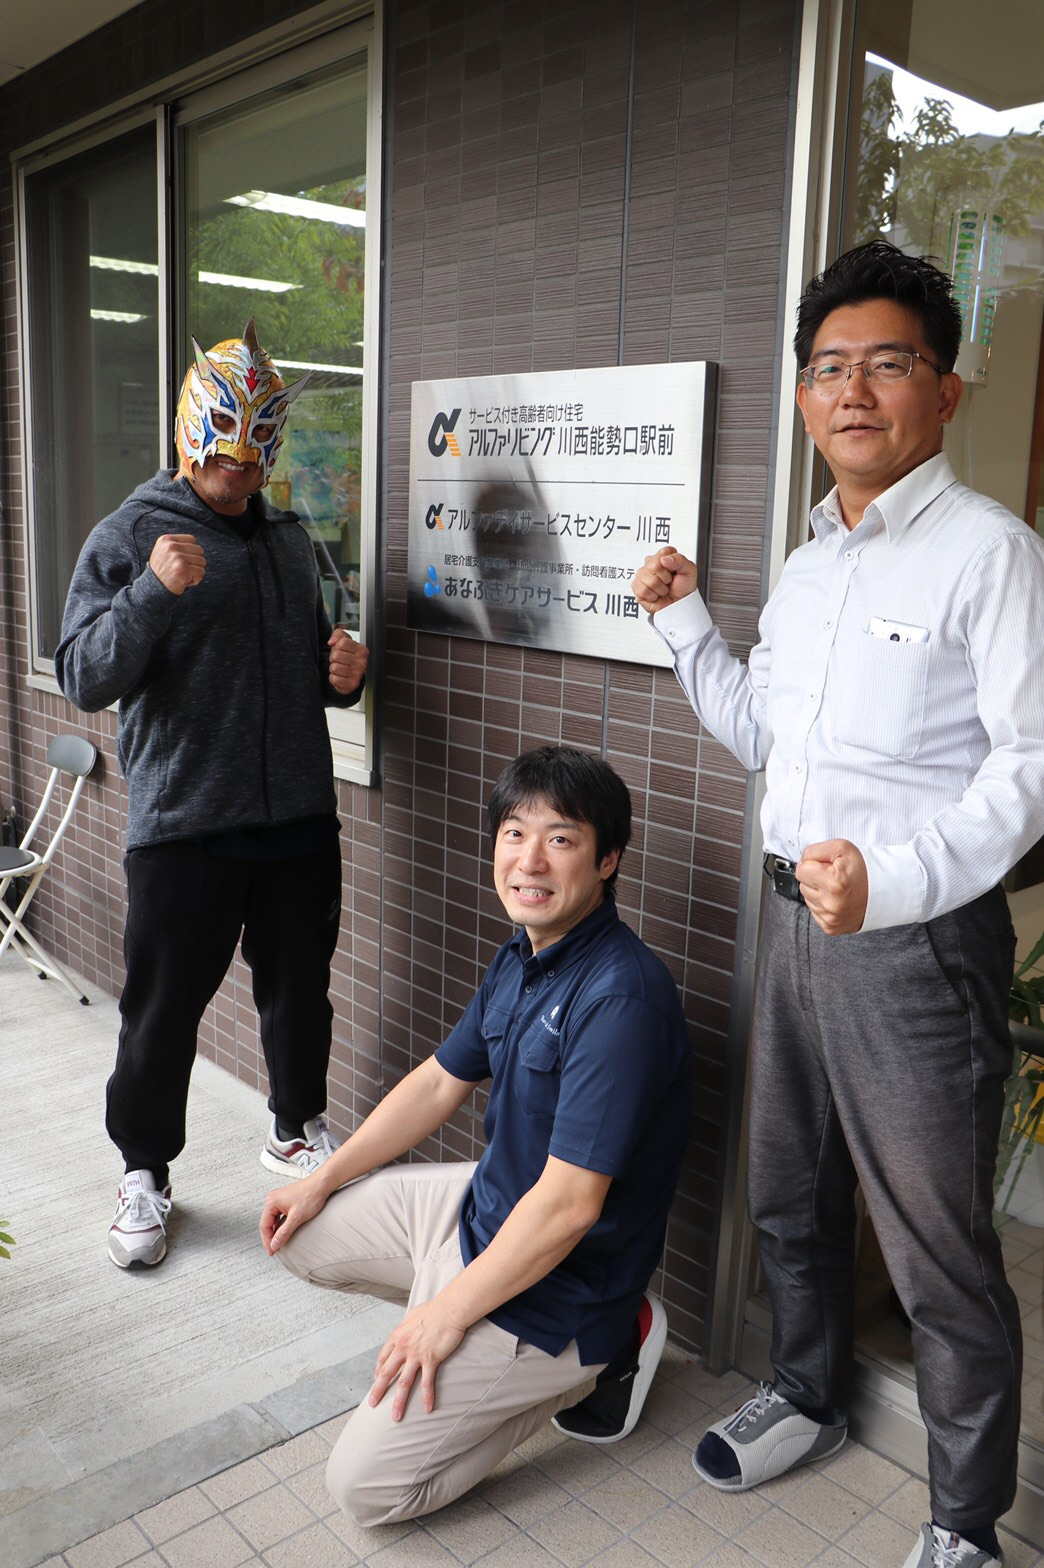 記事 プロレスラー施設訪問 兵庫県川西市 の記事内画像